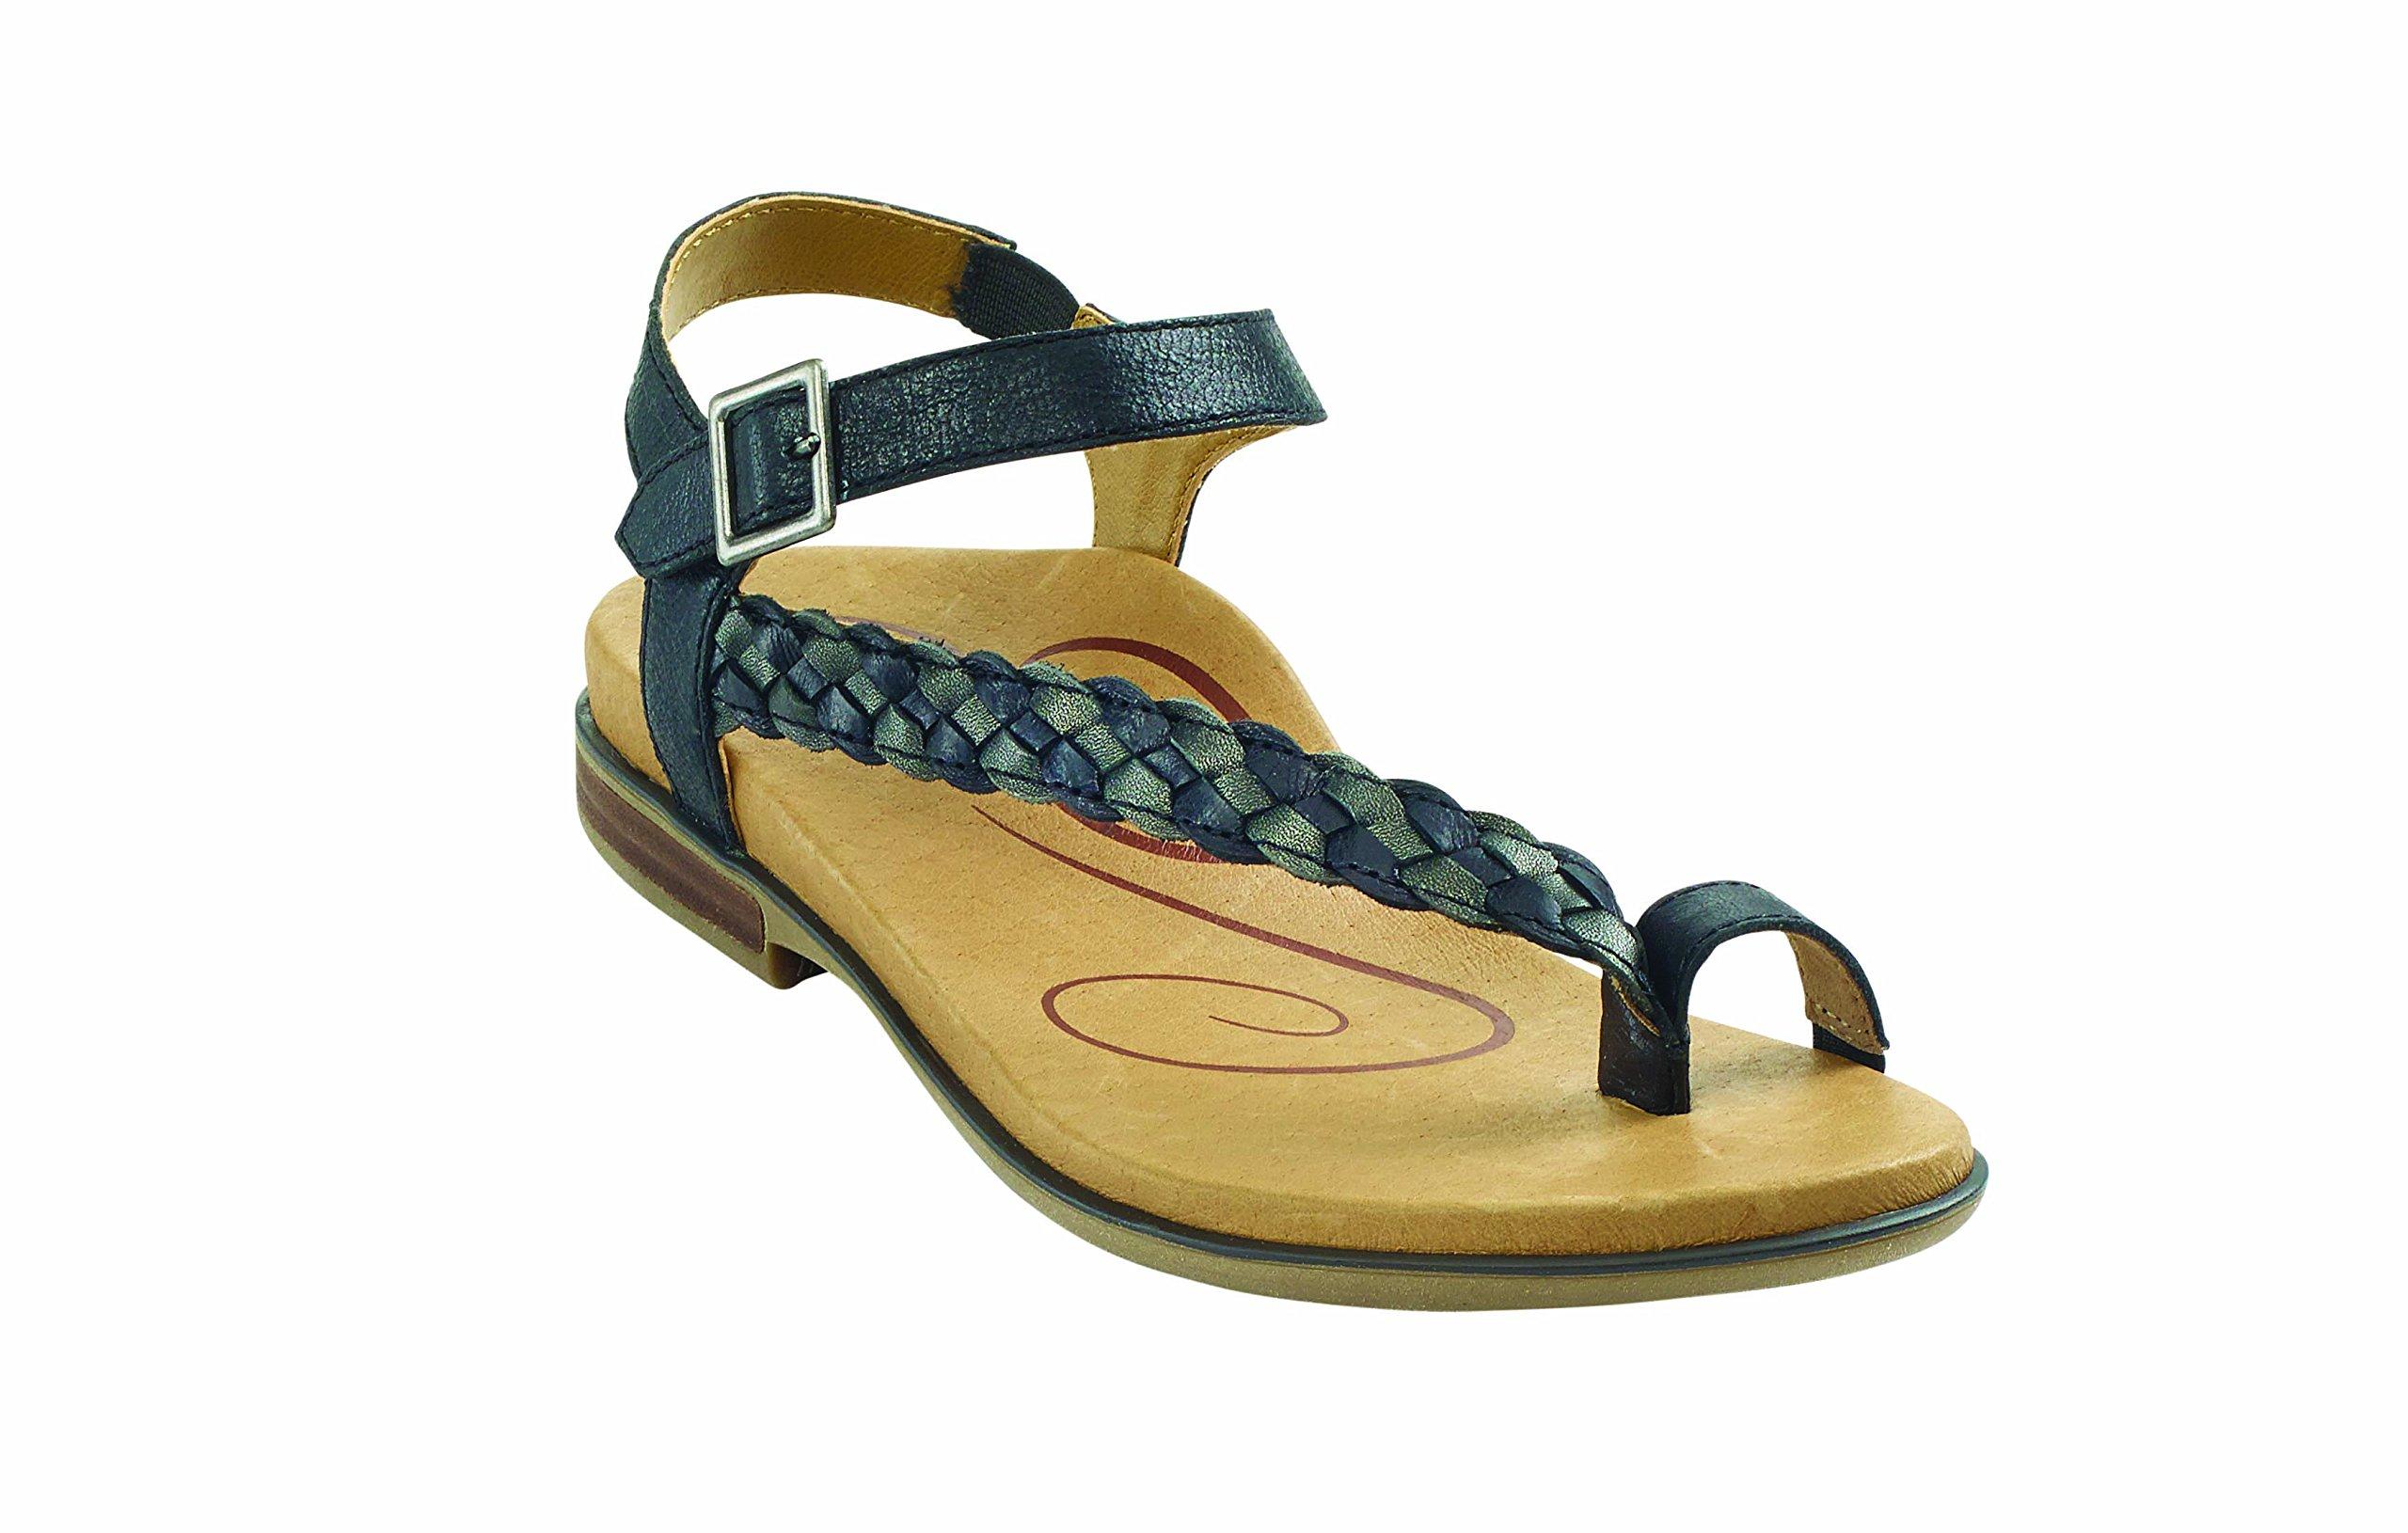 Aetrex Women's Evie Sandal BLACK W38